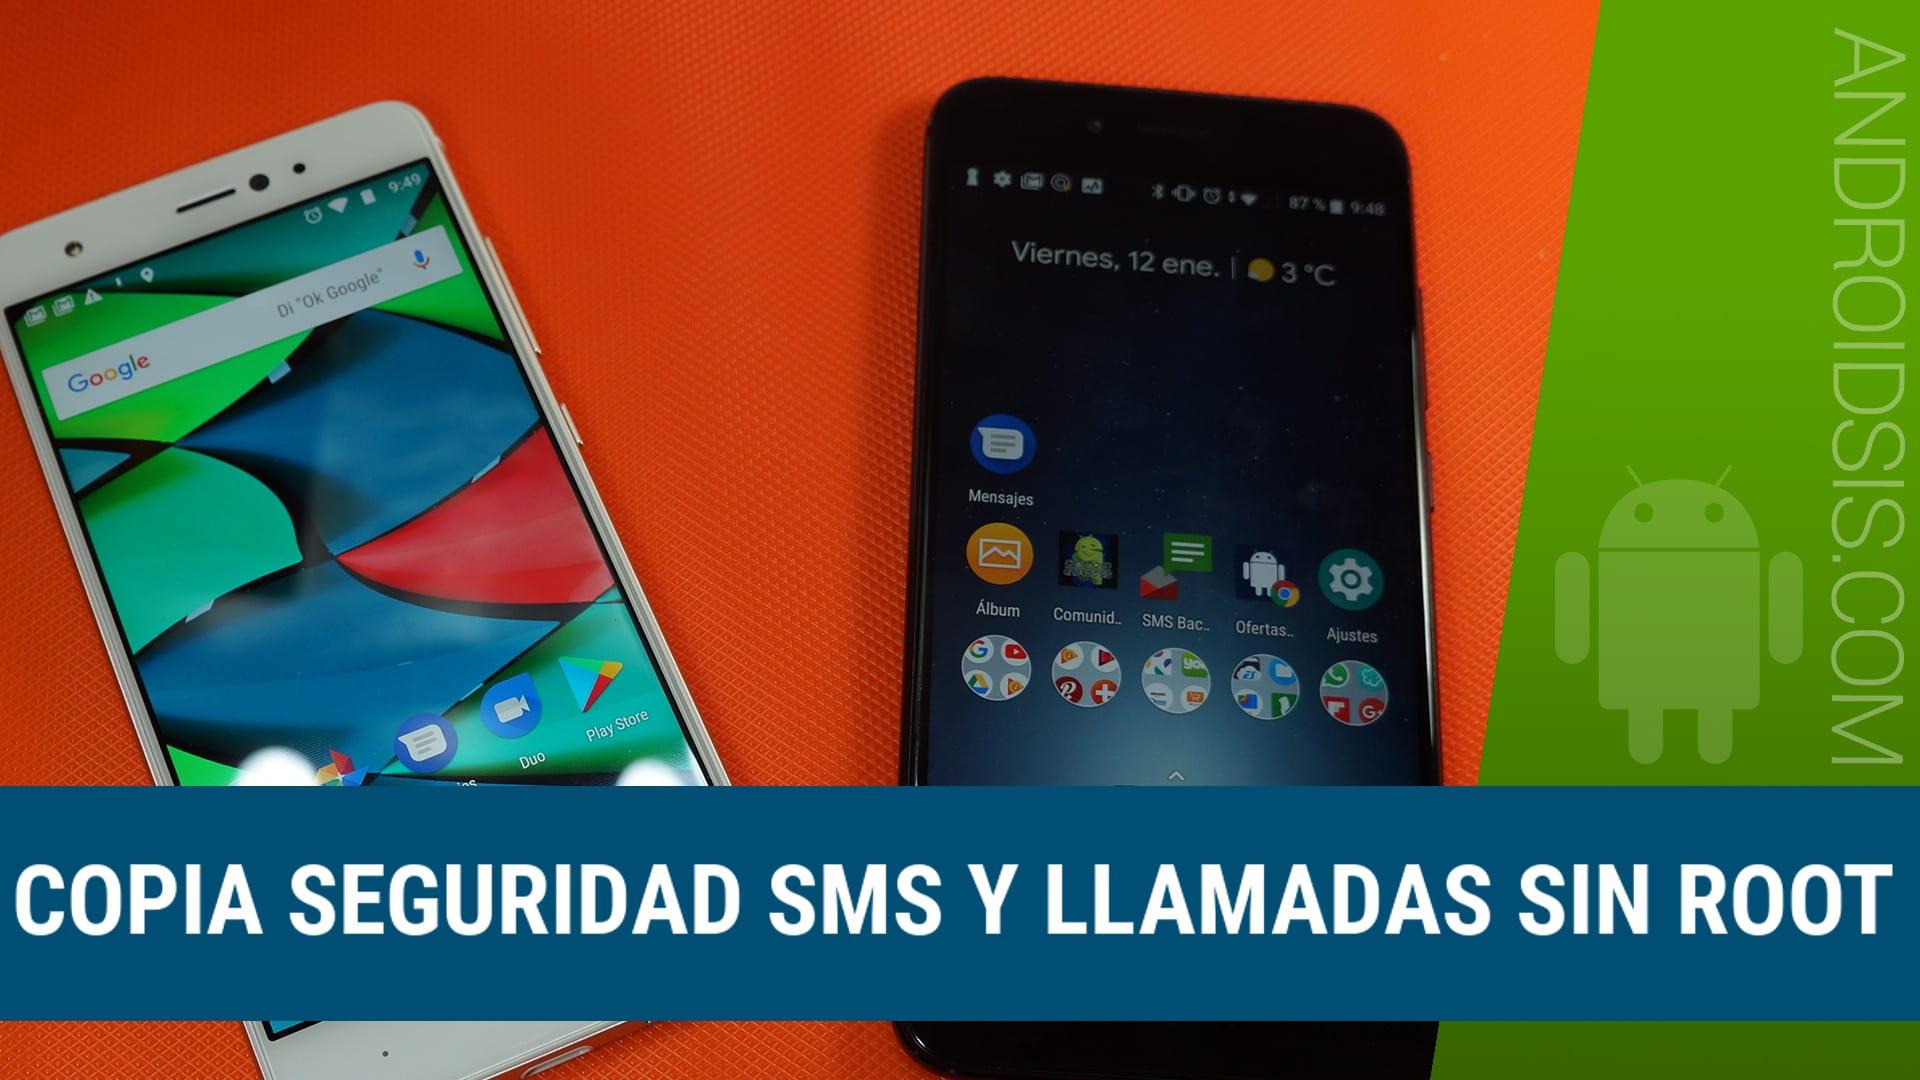 Copia seguridad SMS y llamadas, Copia seguridad registro llamadas, Copia seguridad SMS